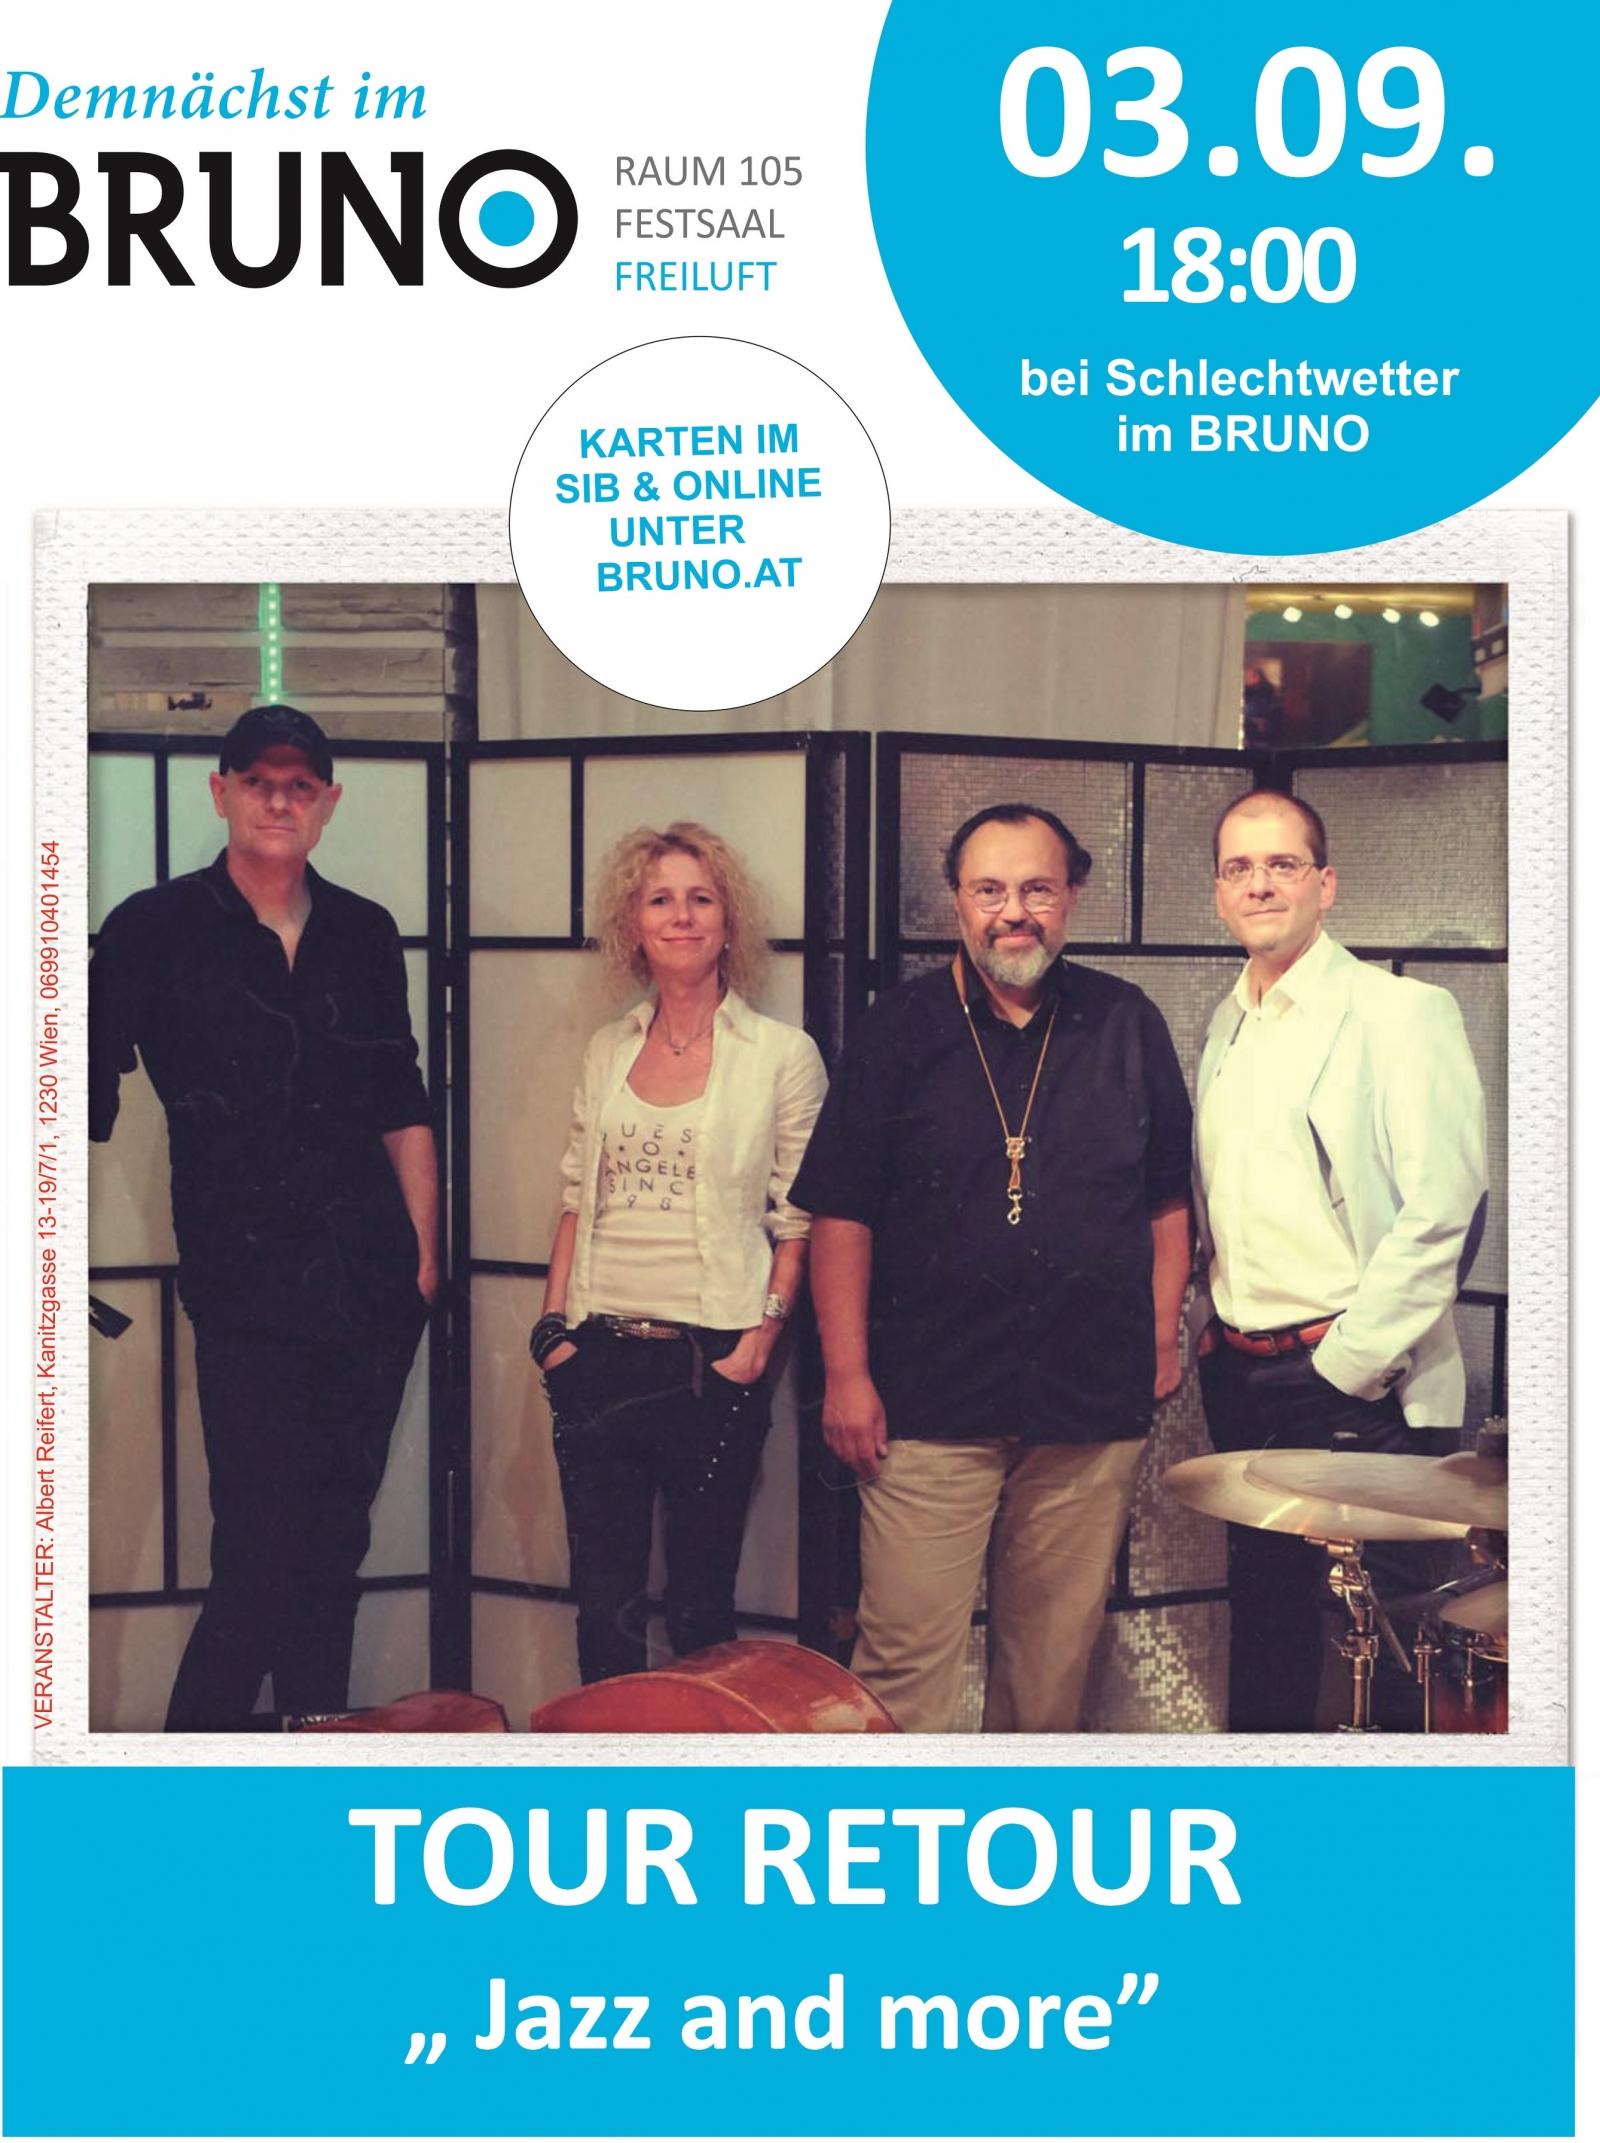 Tour Retour jazz and more